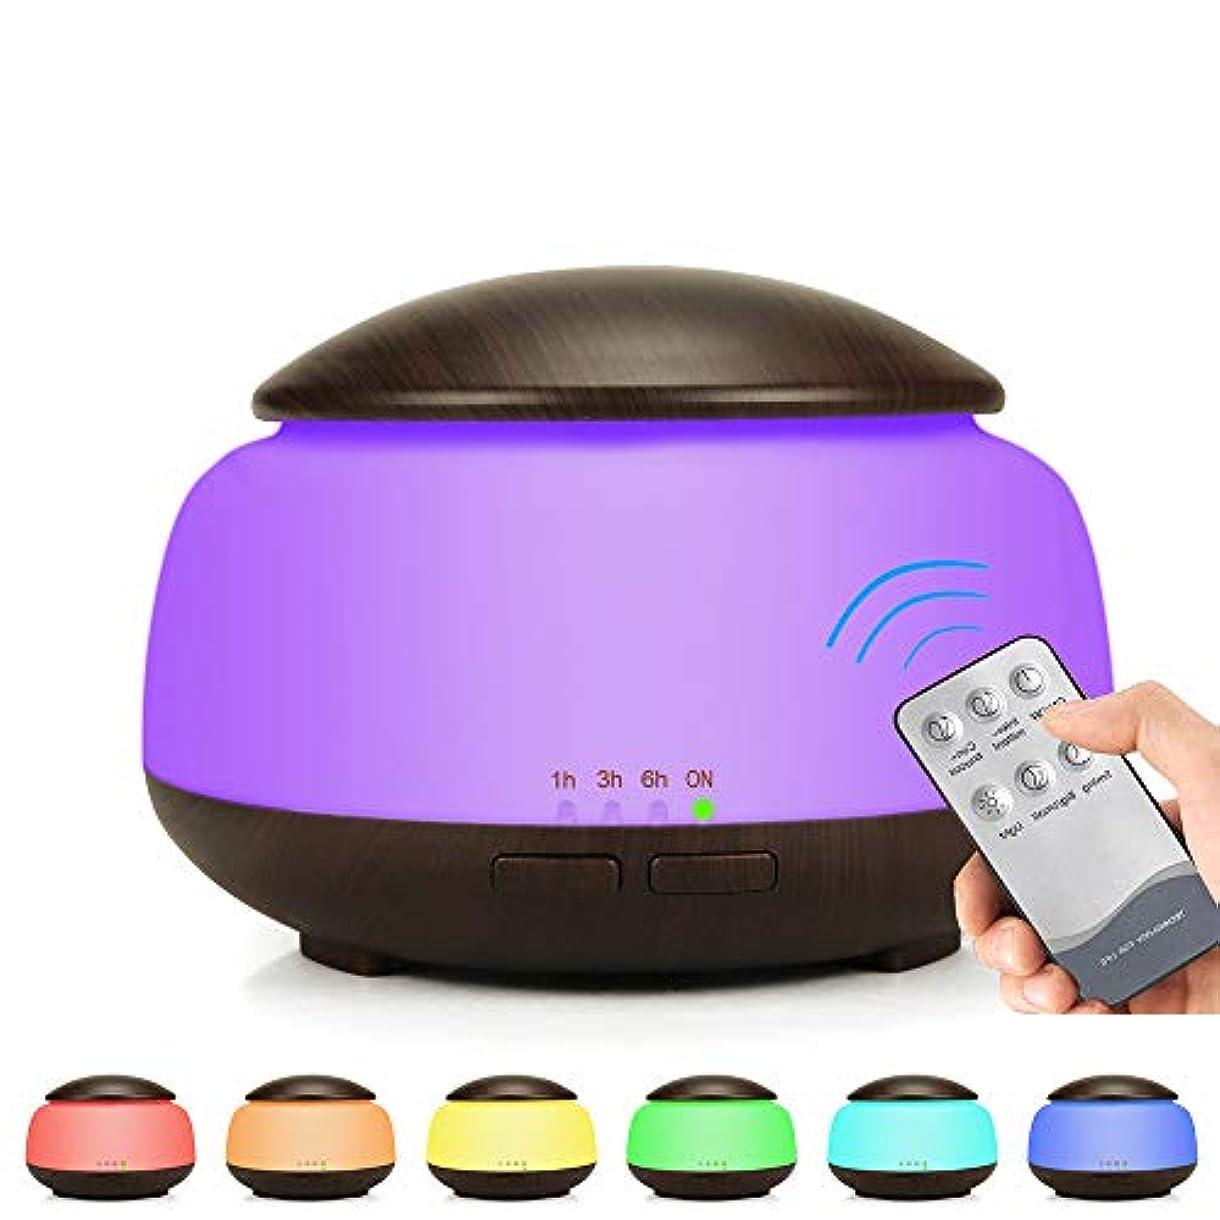 最もマダム草エッセンシャルオイルディフューザーアロマディフューザー300 mlアロマ加湿器、7色LEDライト、ホームオフィス用ウォーターレス自動シャットオフ,UKplug